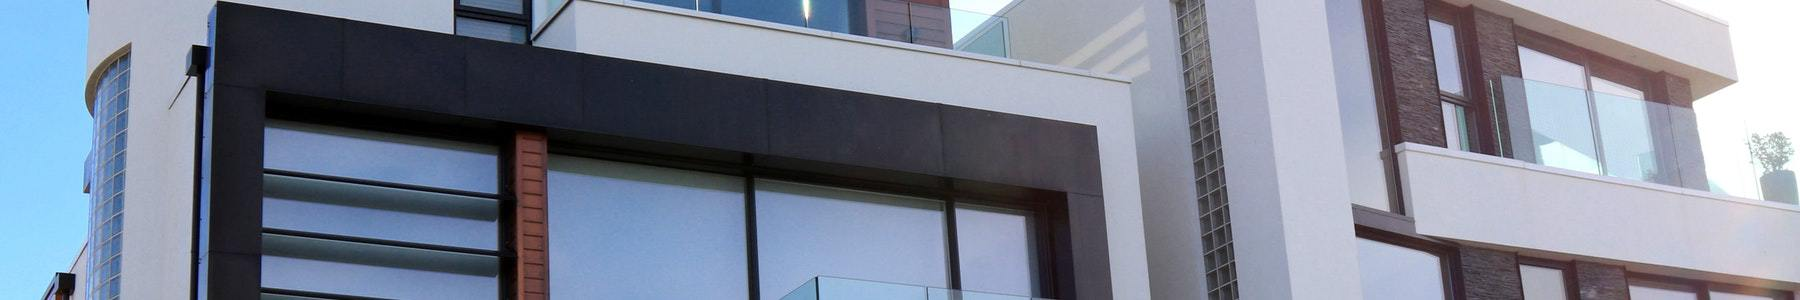 Estate Agent Web Design